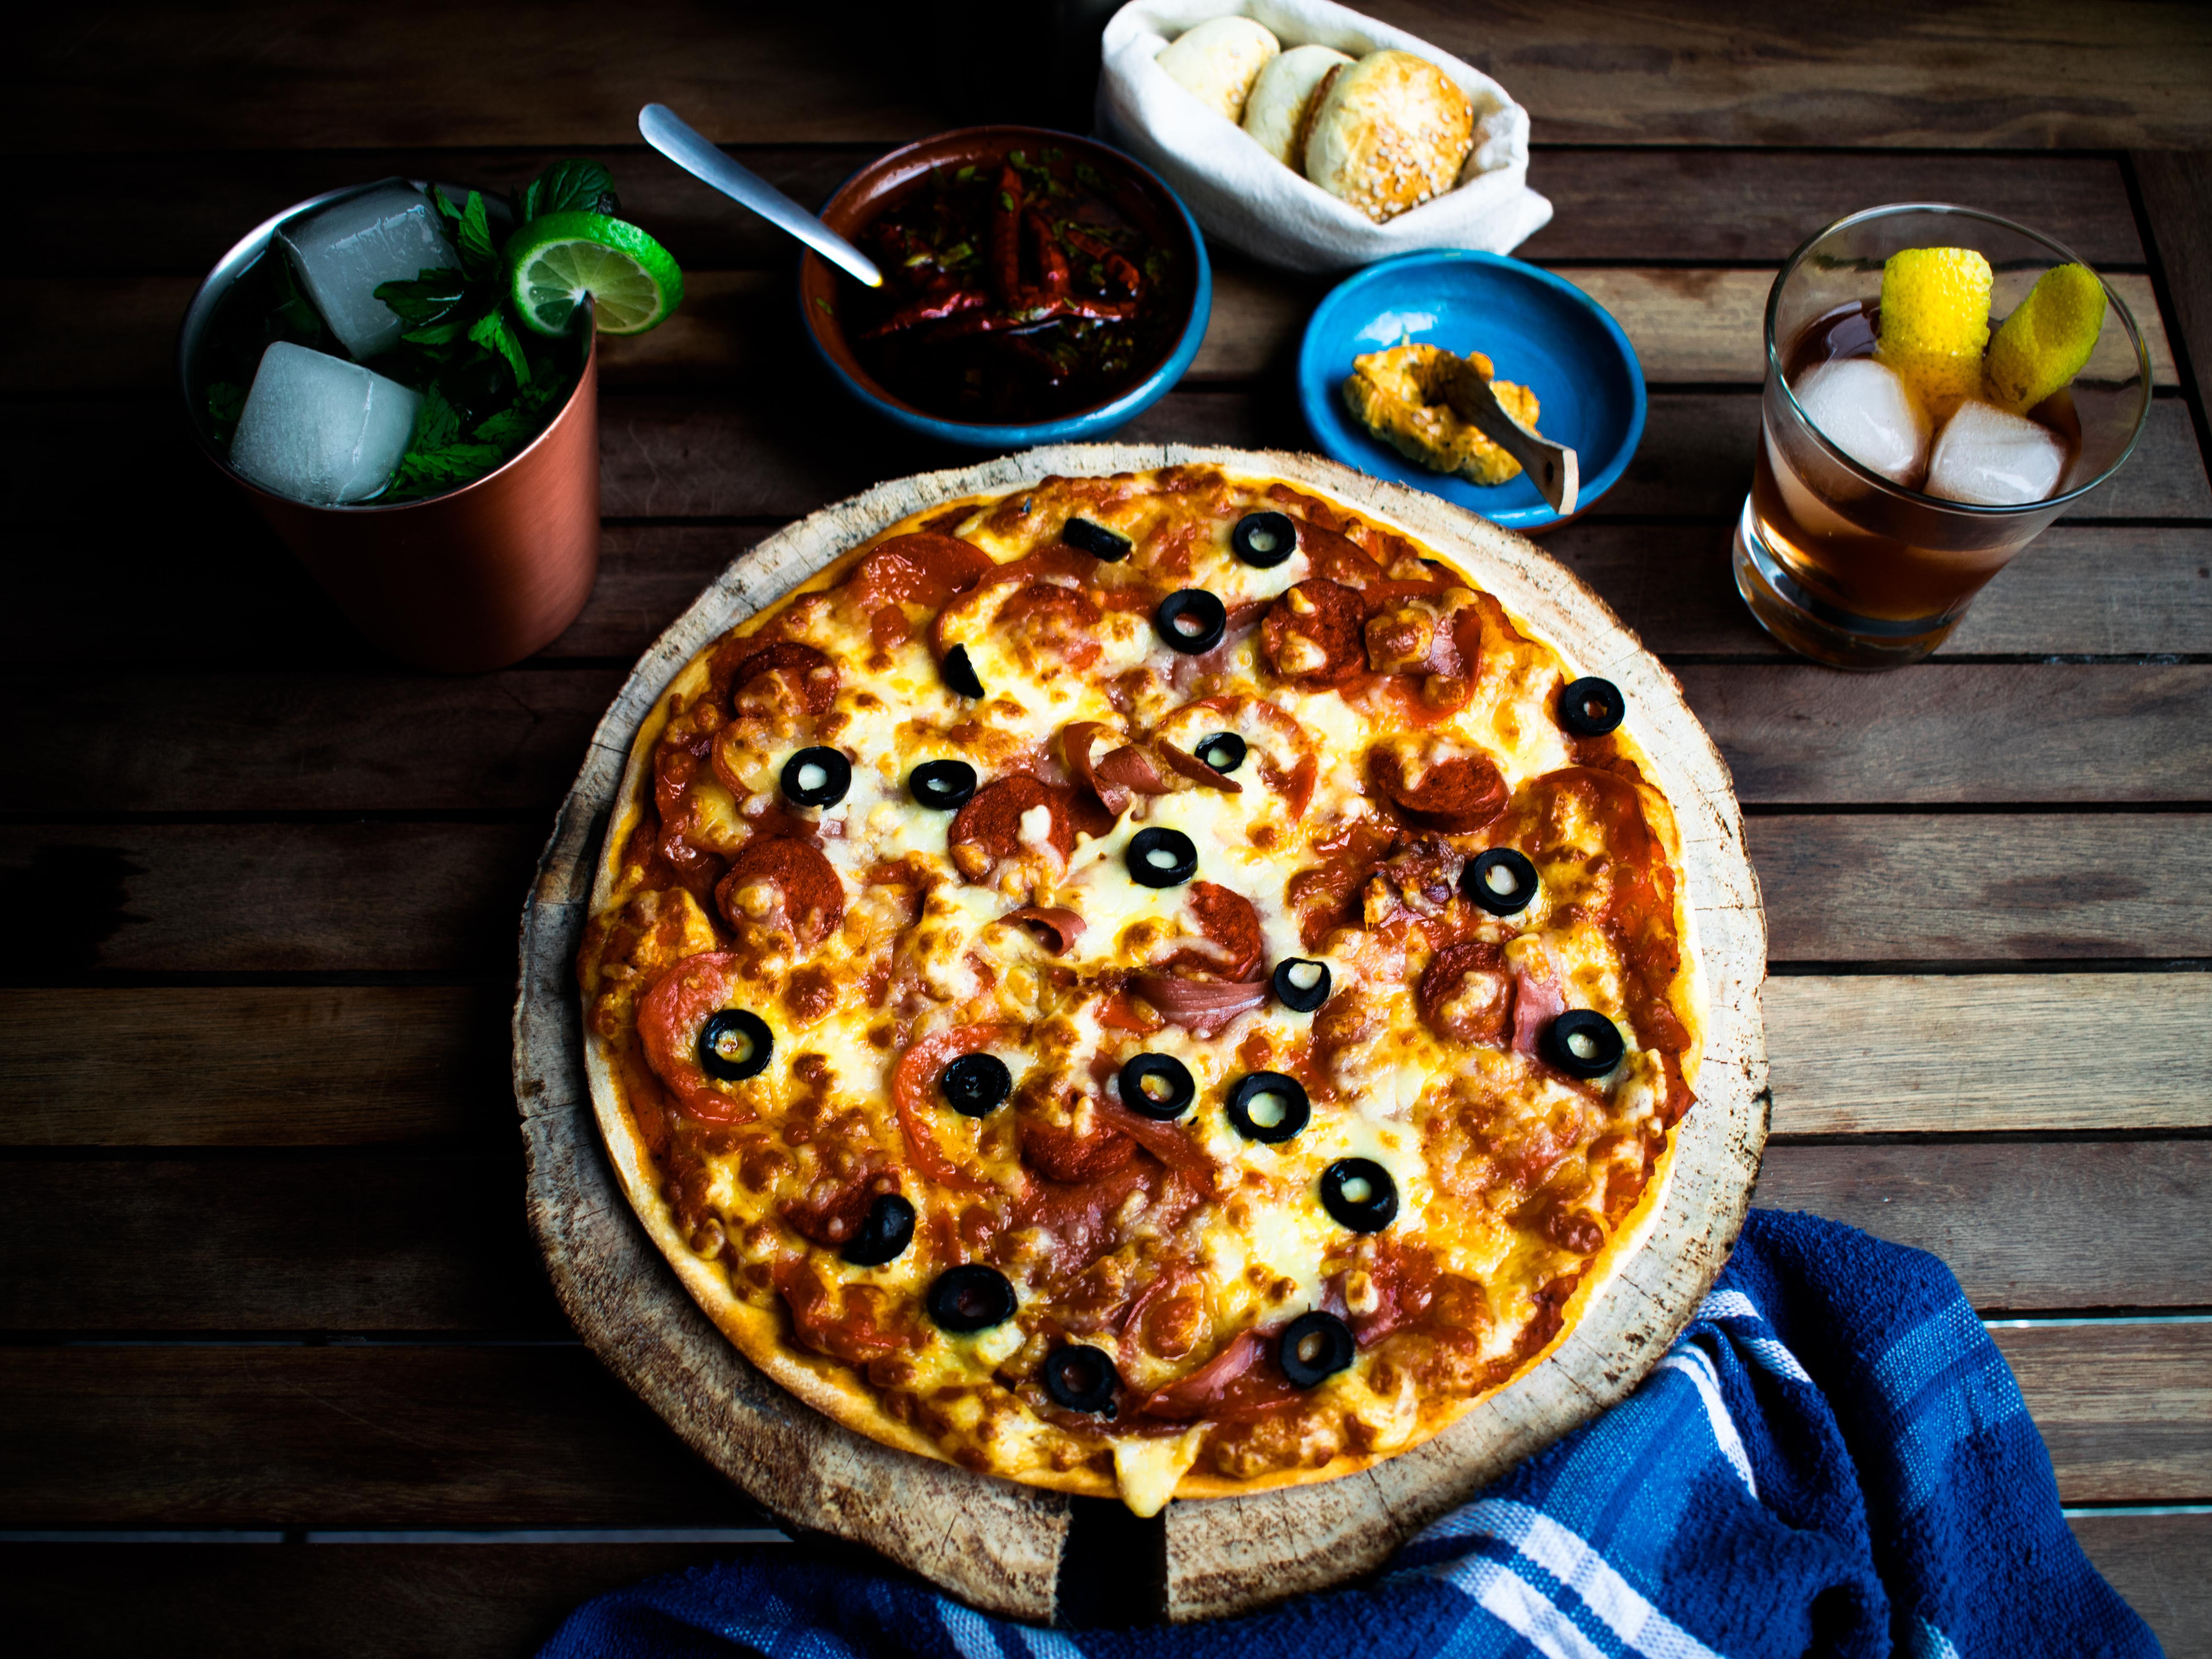 Kostenlose foto : Lebensmittel, Mahlzeit, Restaurant, Gericht, Küche ...